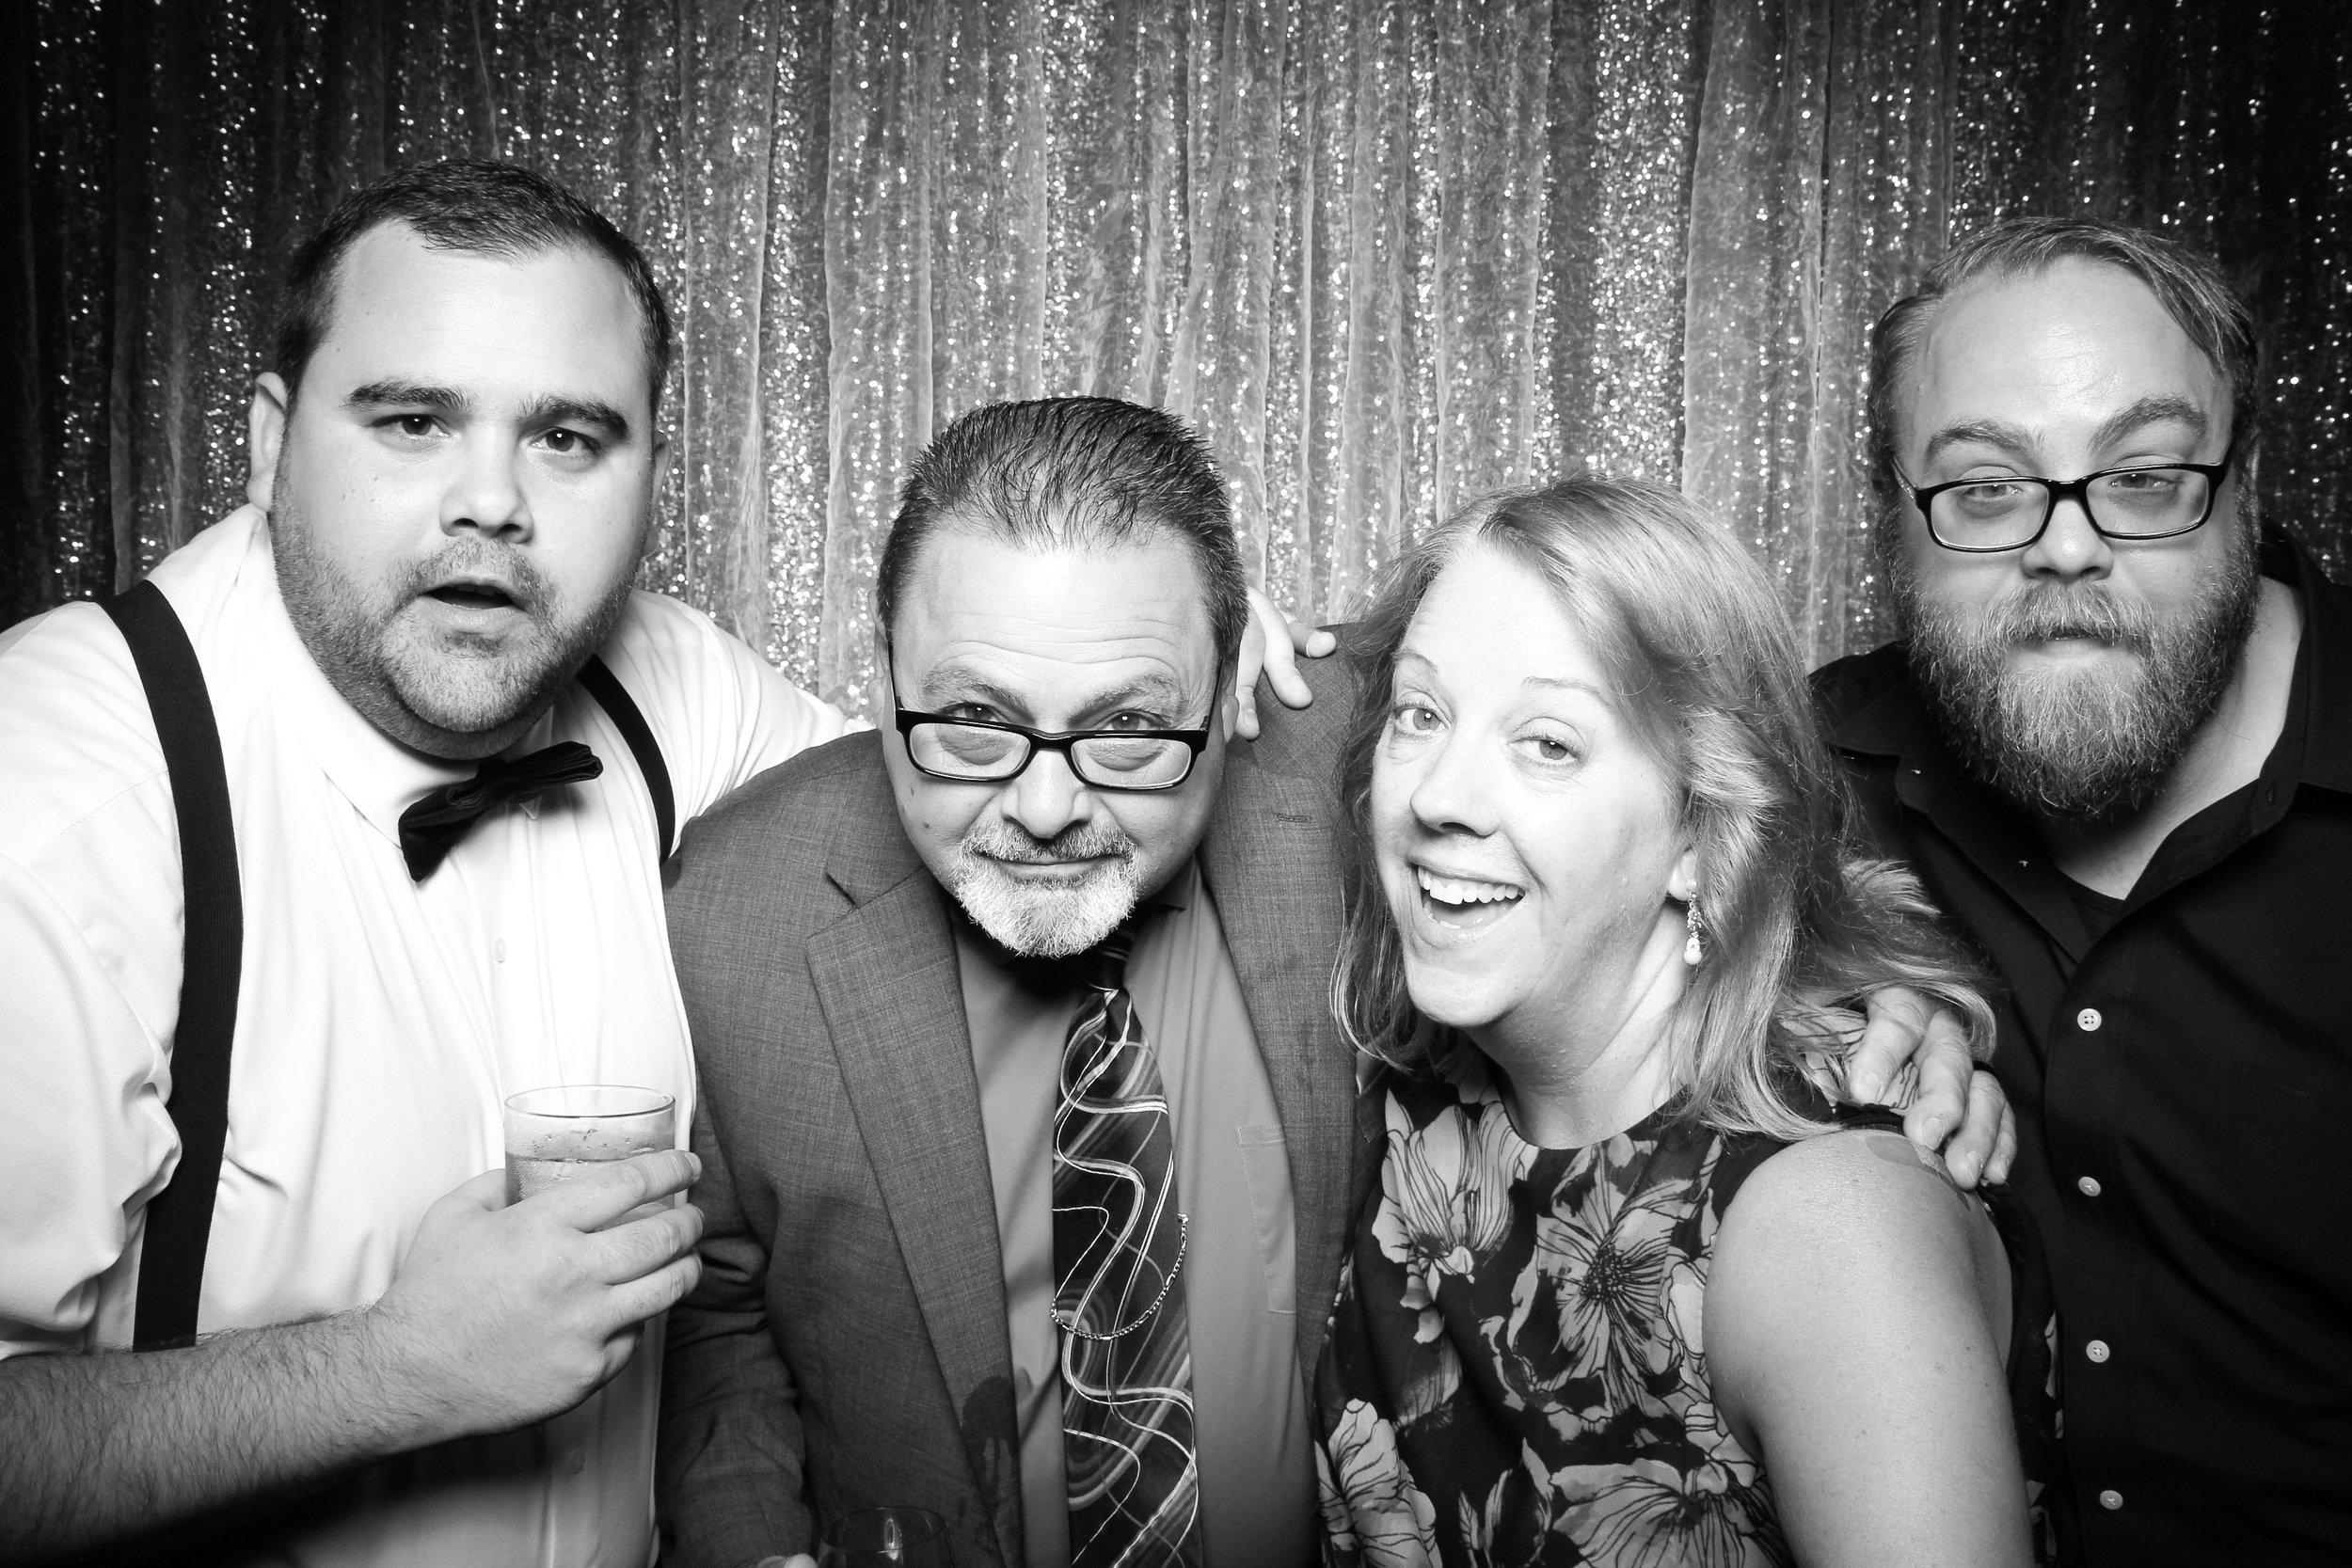 Cafe_Brauer_Chicago_Wedding_Loggia_Photo_Booth_15.jpg